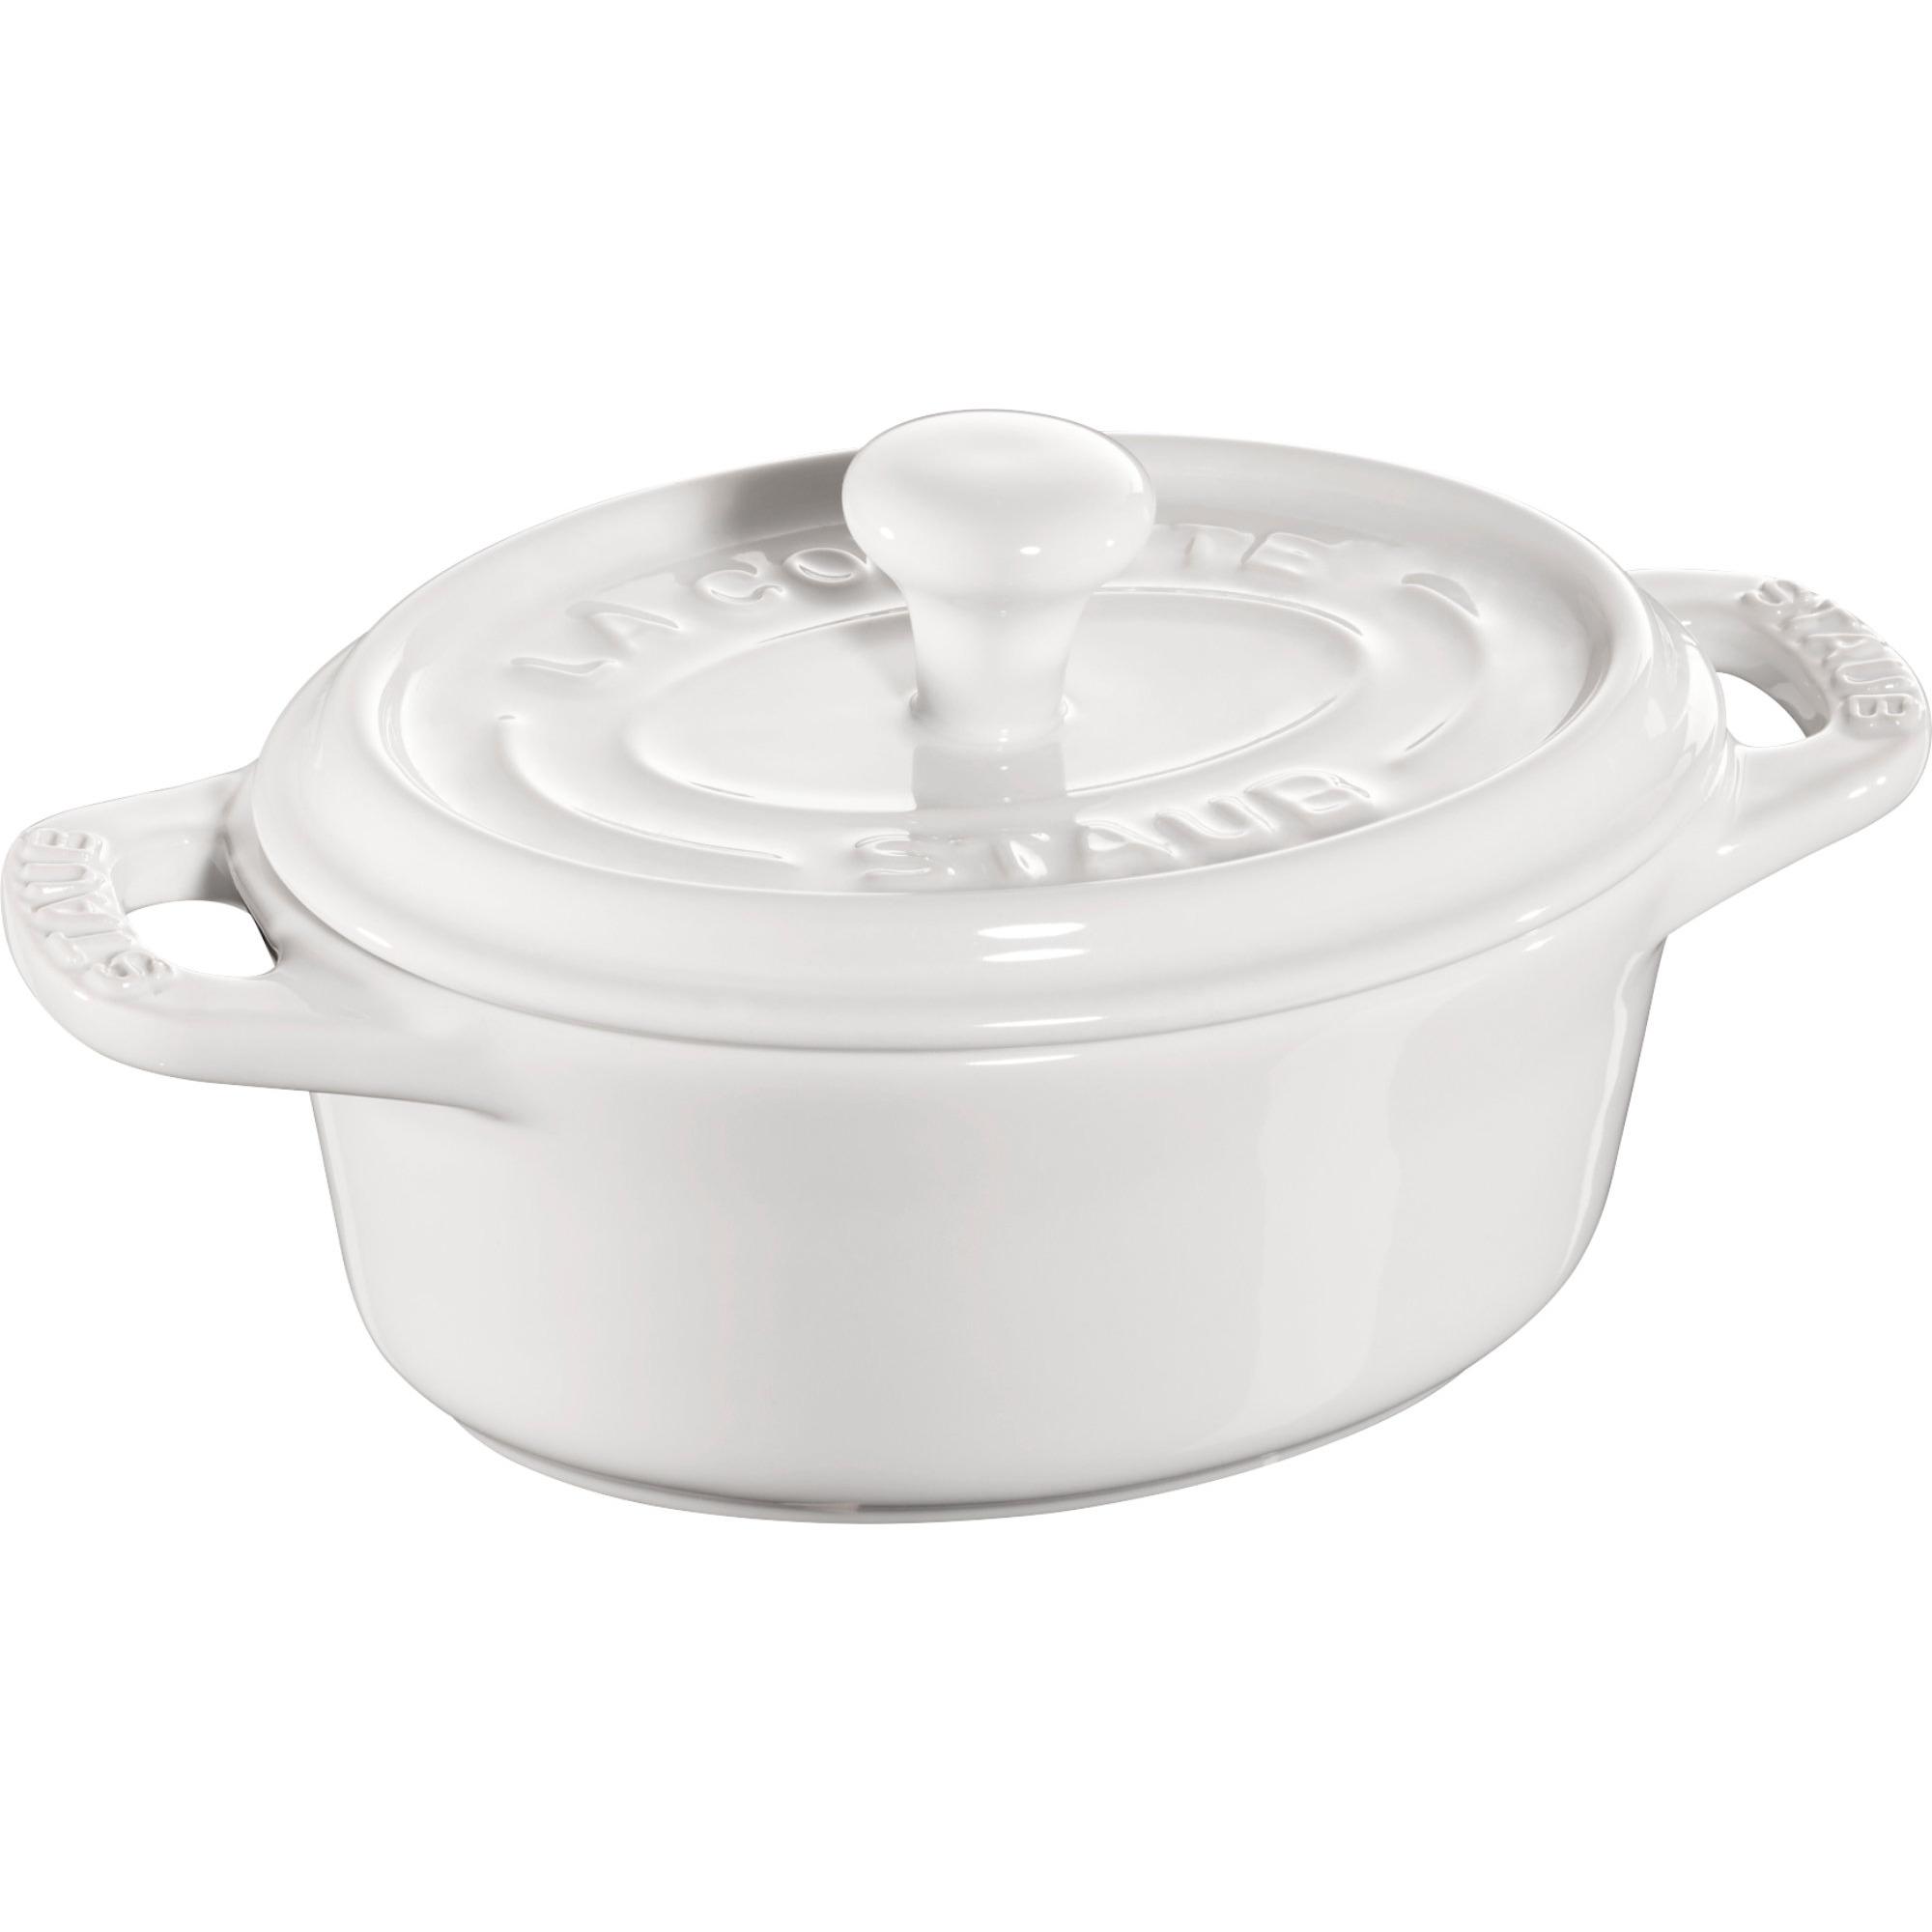 Staub Ceramic Oval Minigryta Vit 11 cm 02 l